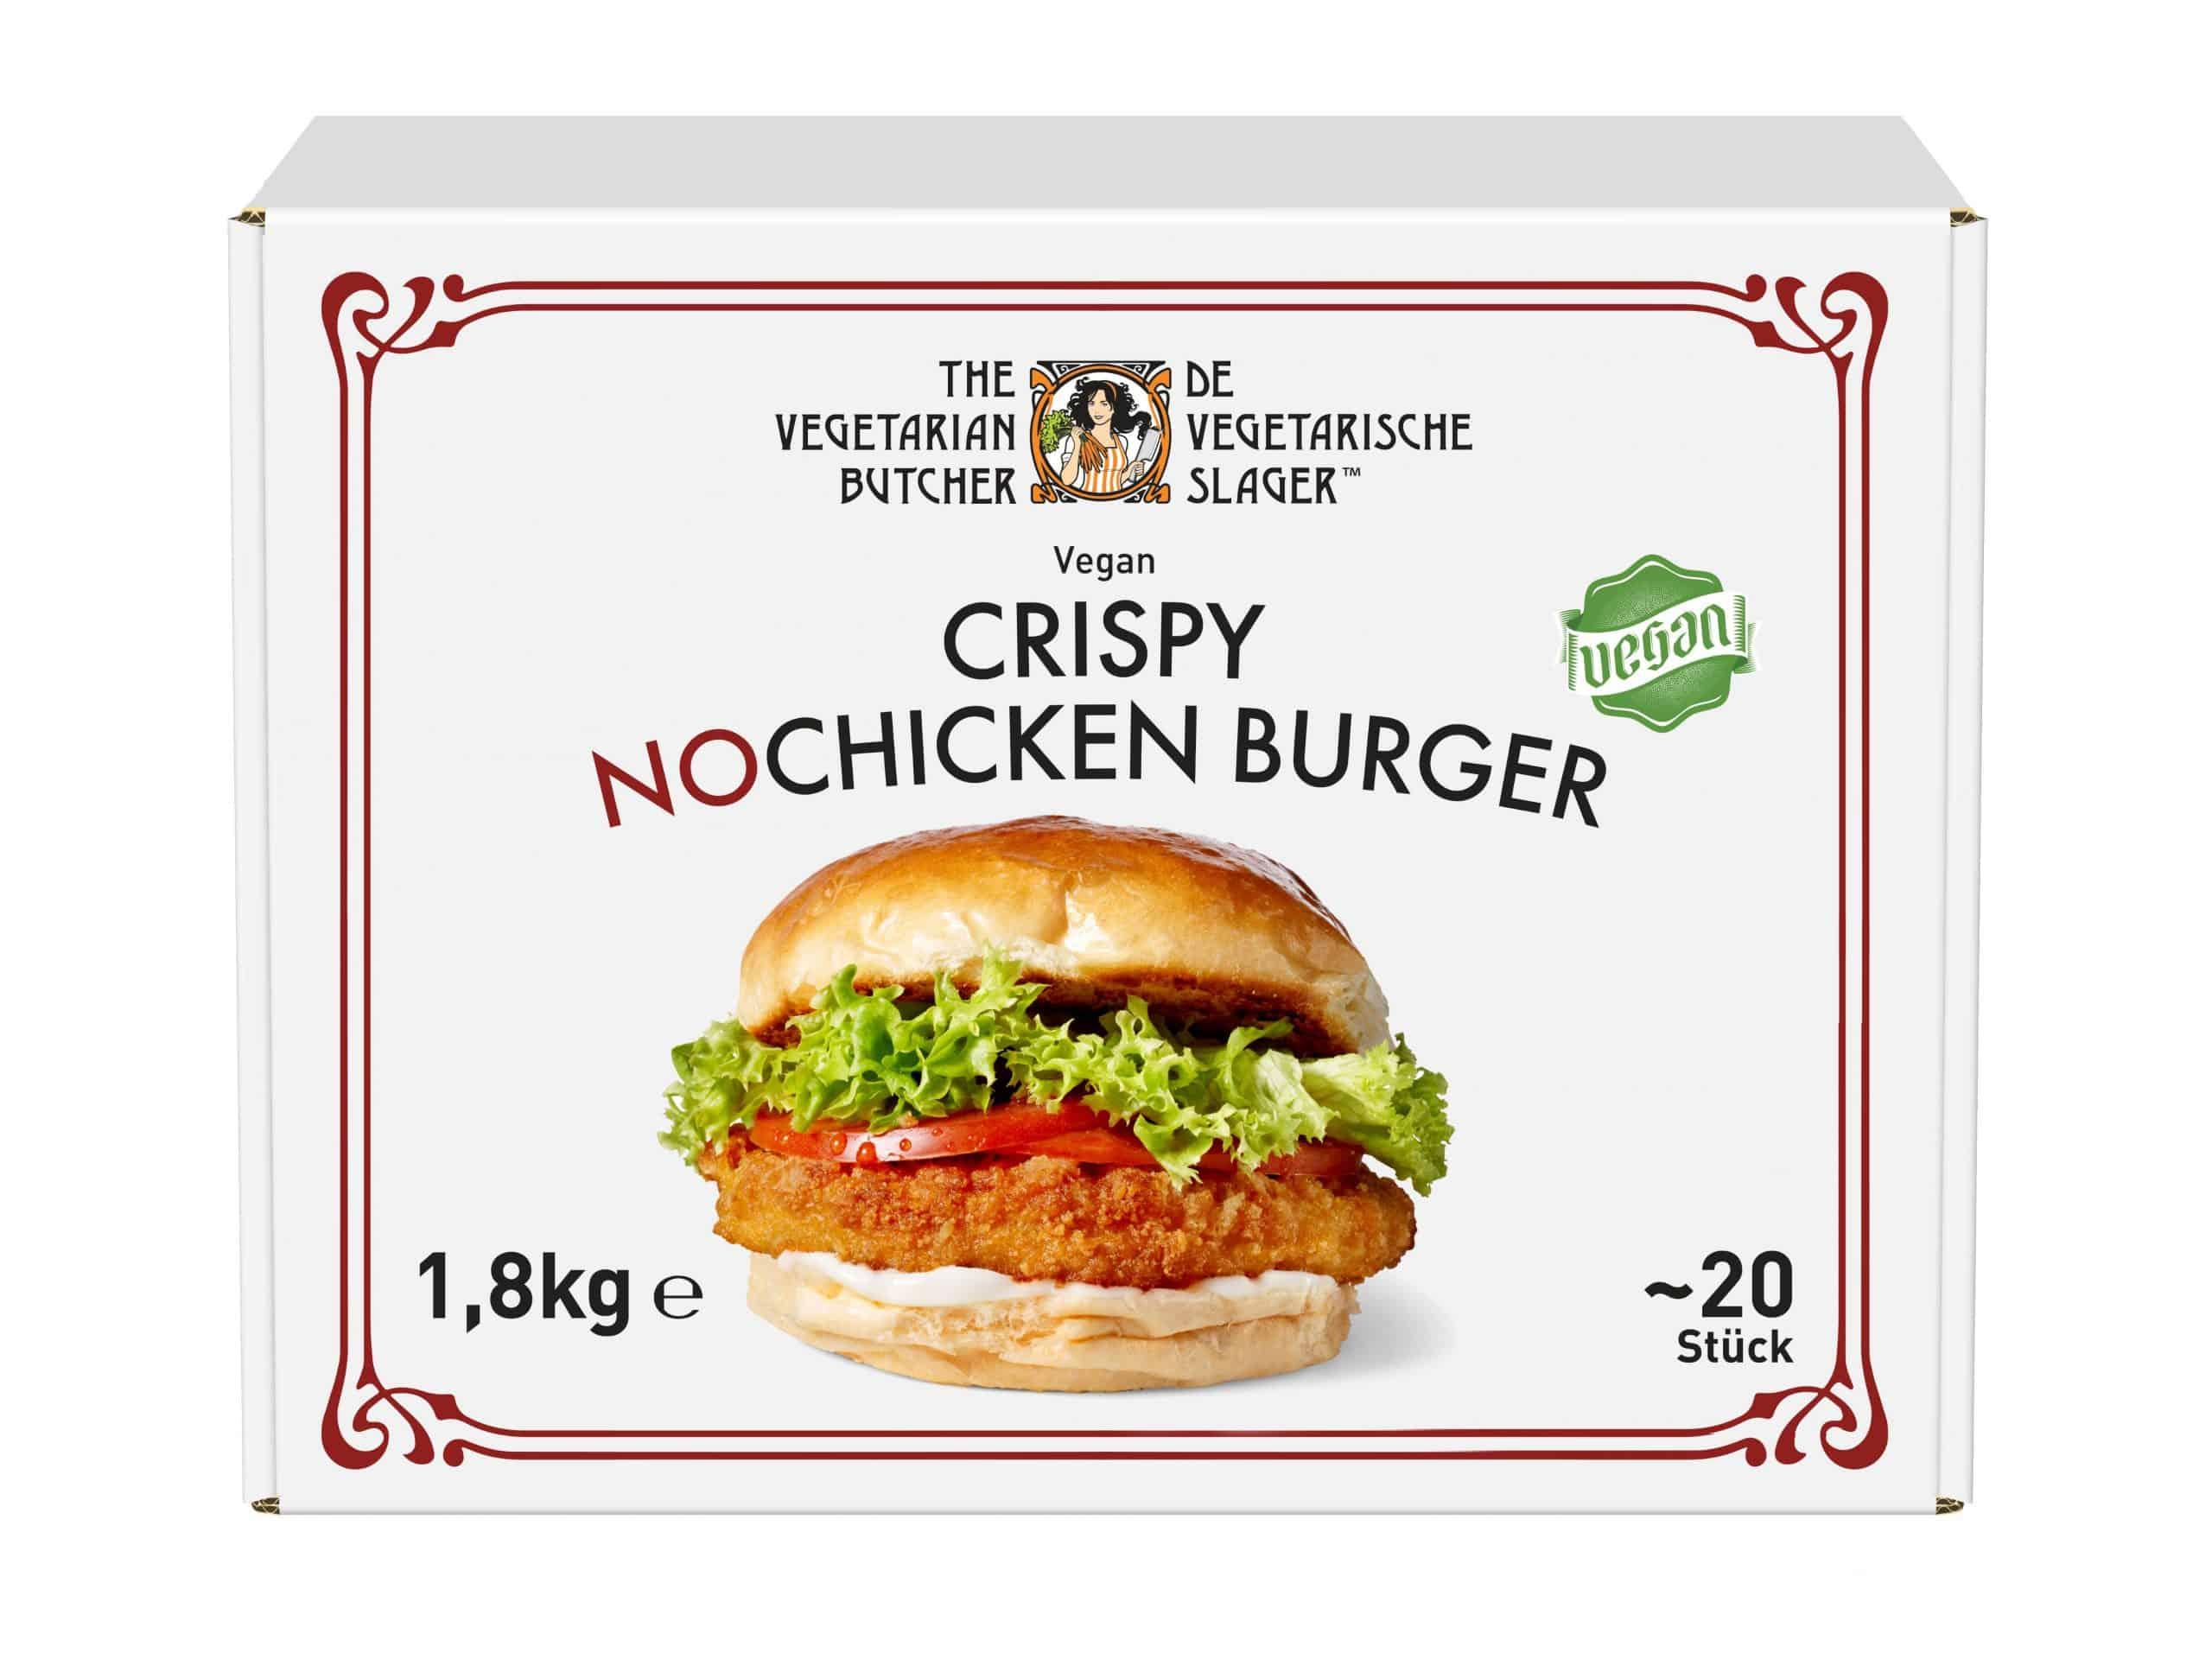 Da lachen ja die Hühner: The Vegetarian Butcher launcht den veganen Crispy NoChicken Burger